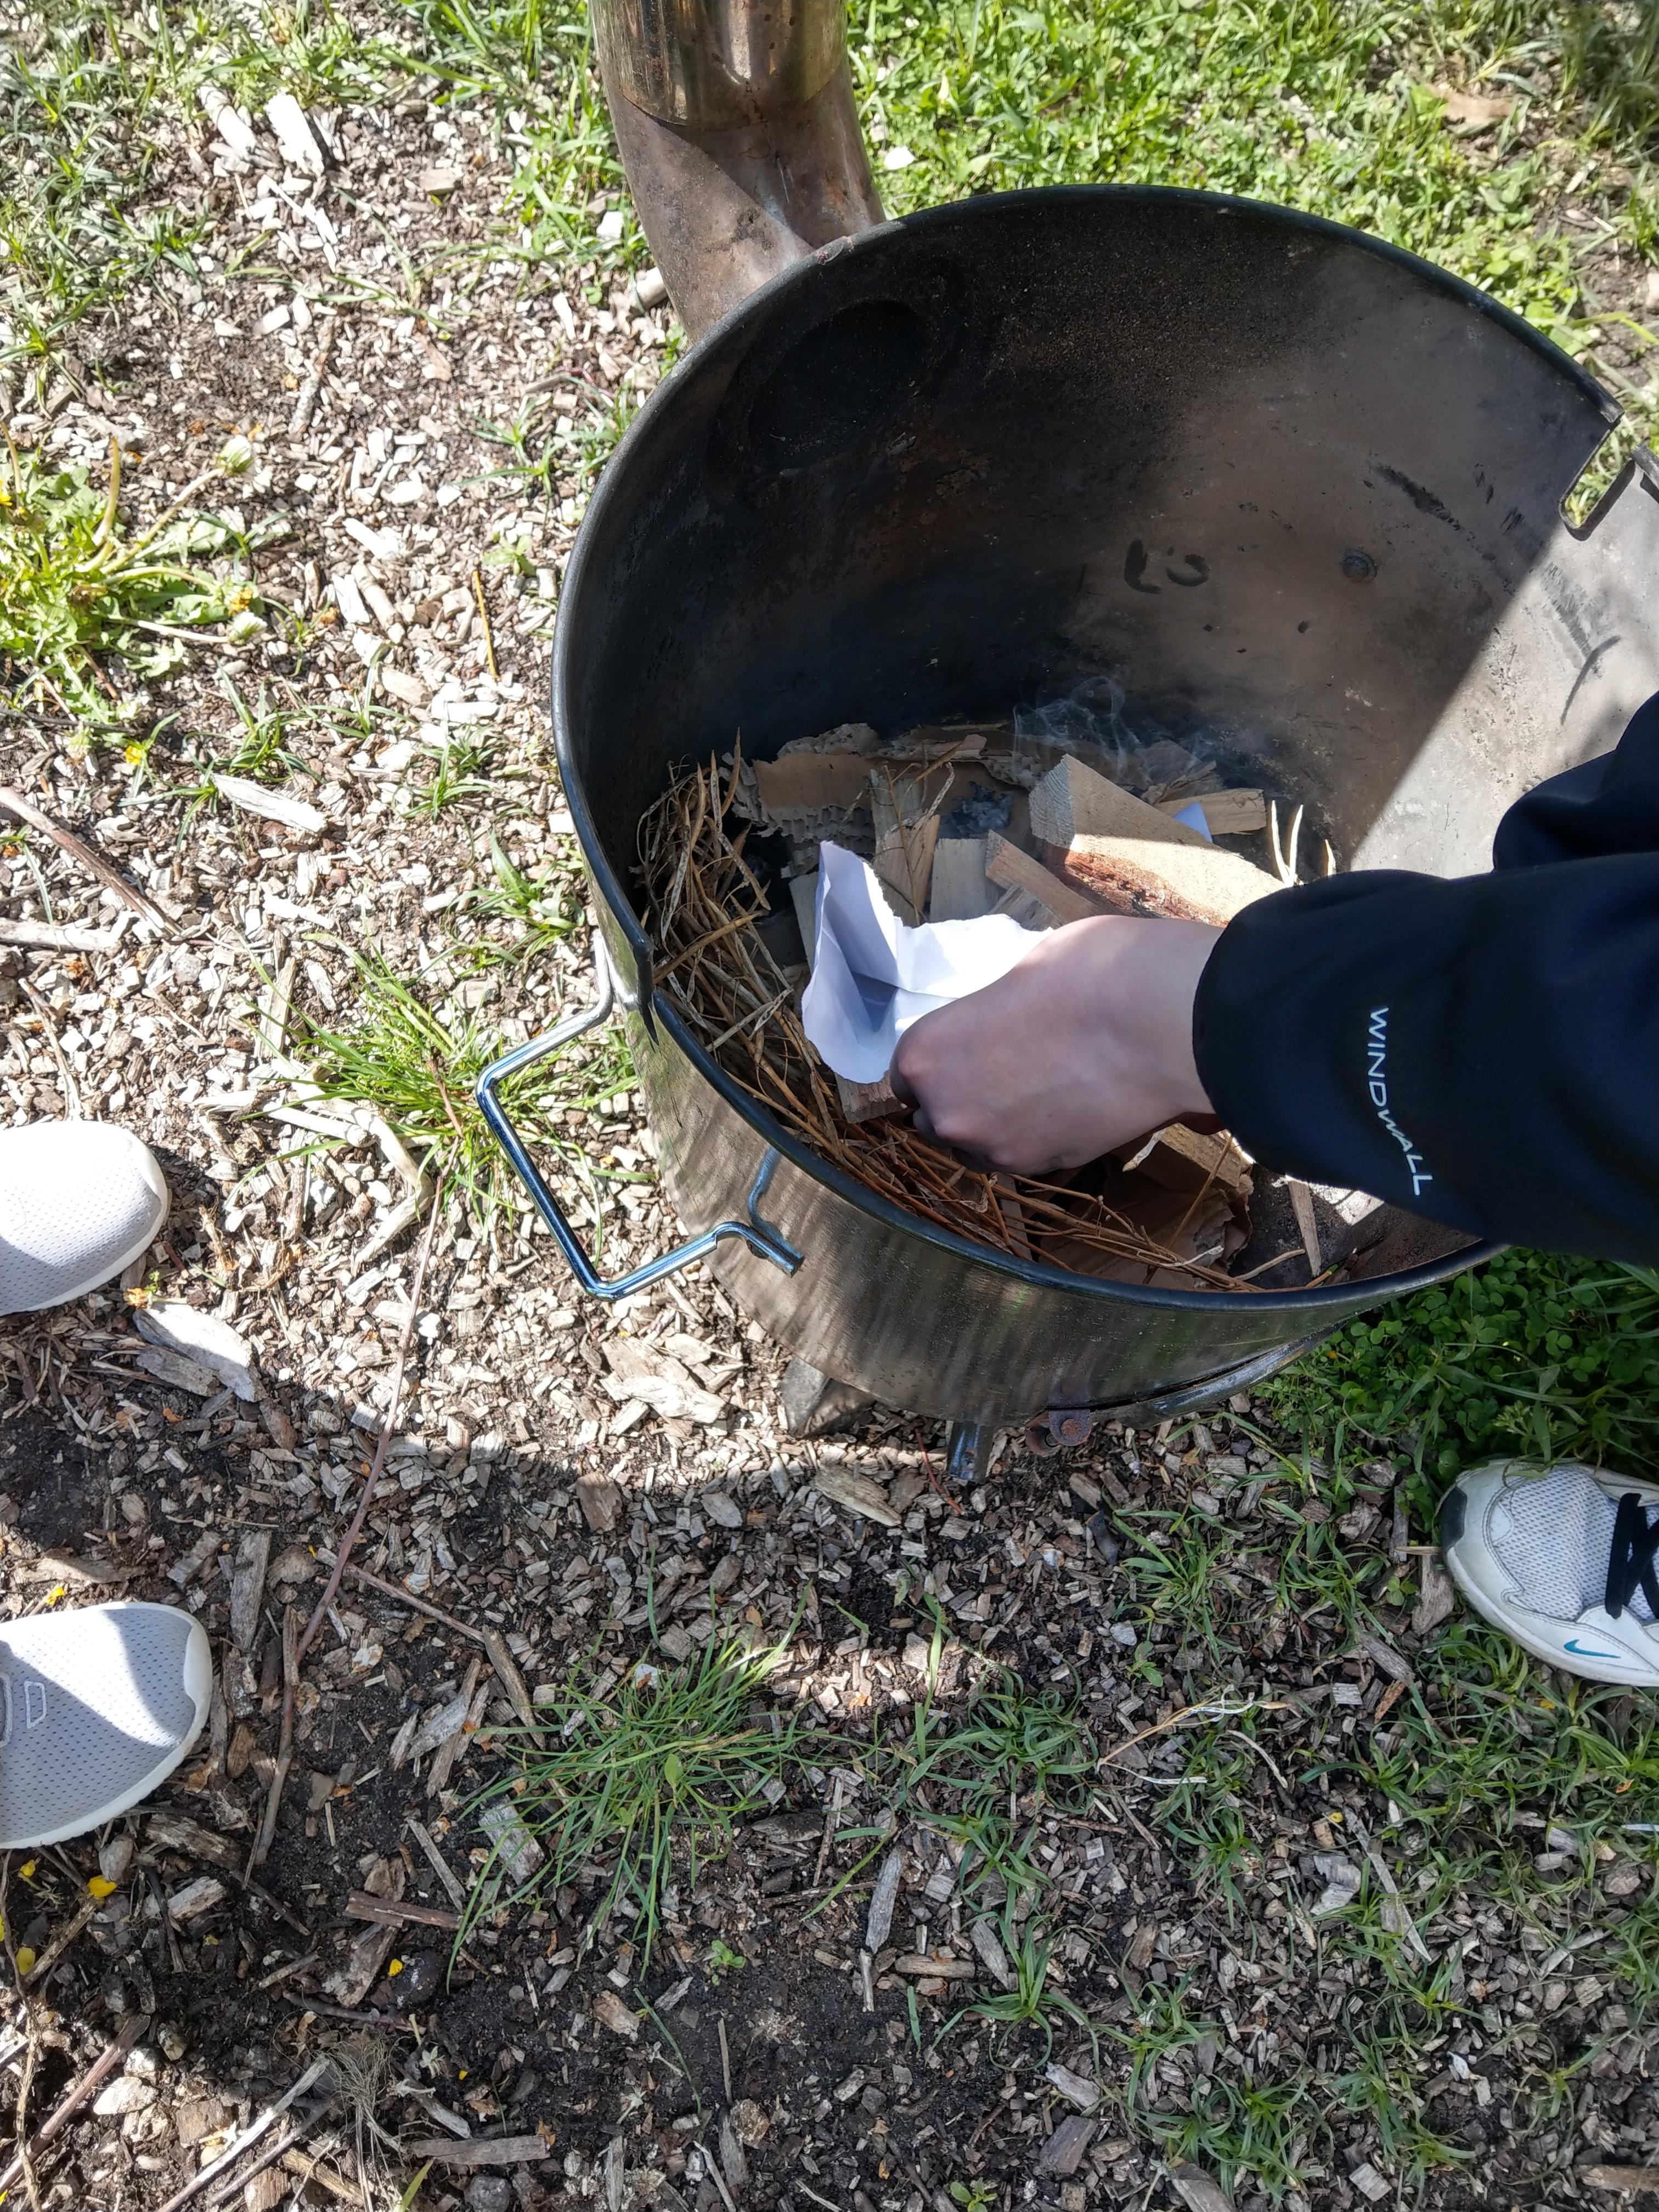 eine Person macht ein Feuer in einem großen Topf aus Metall